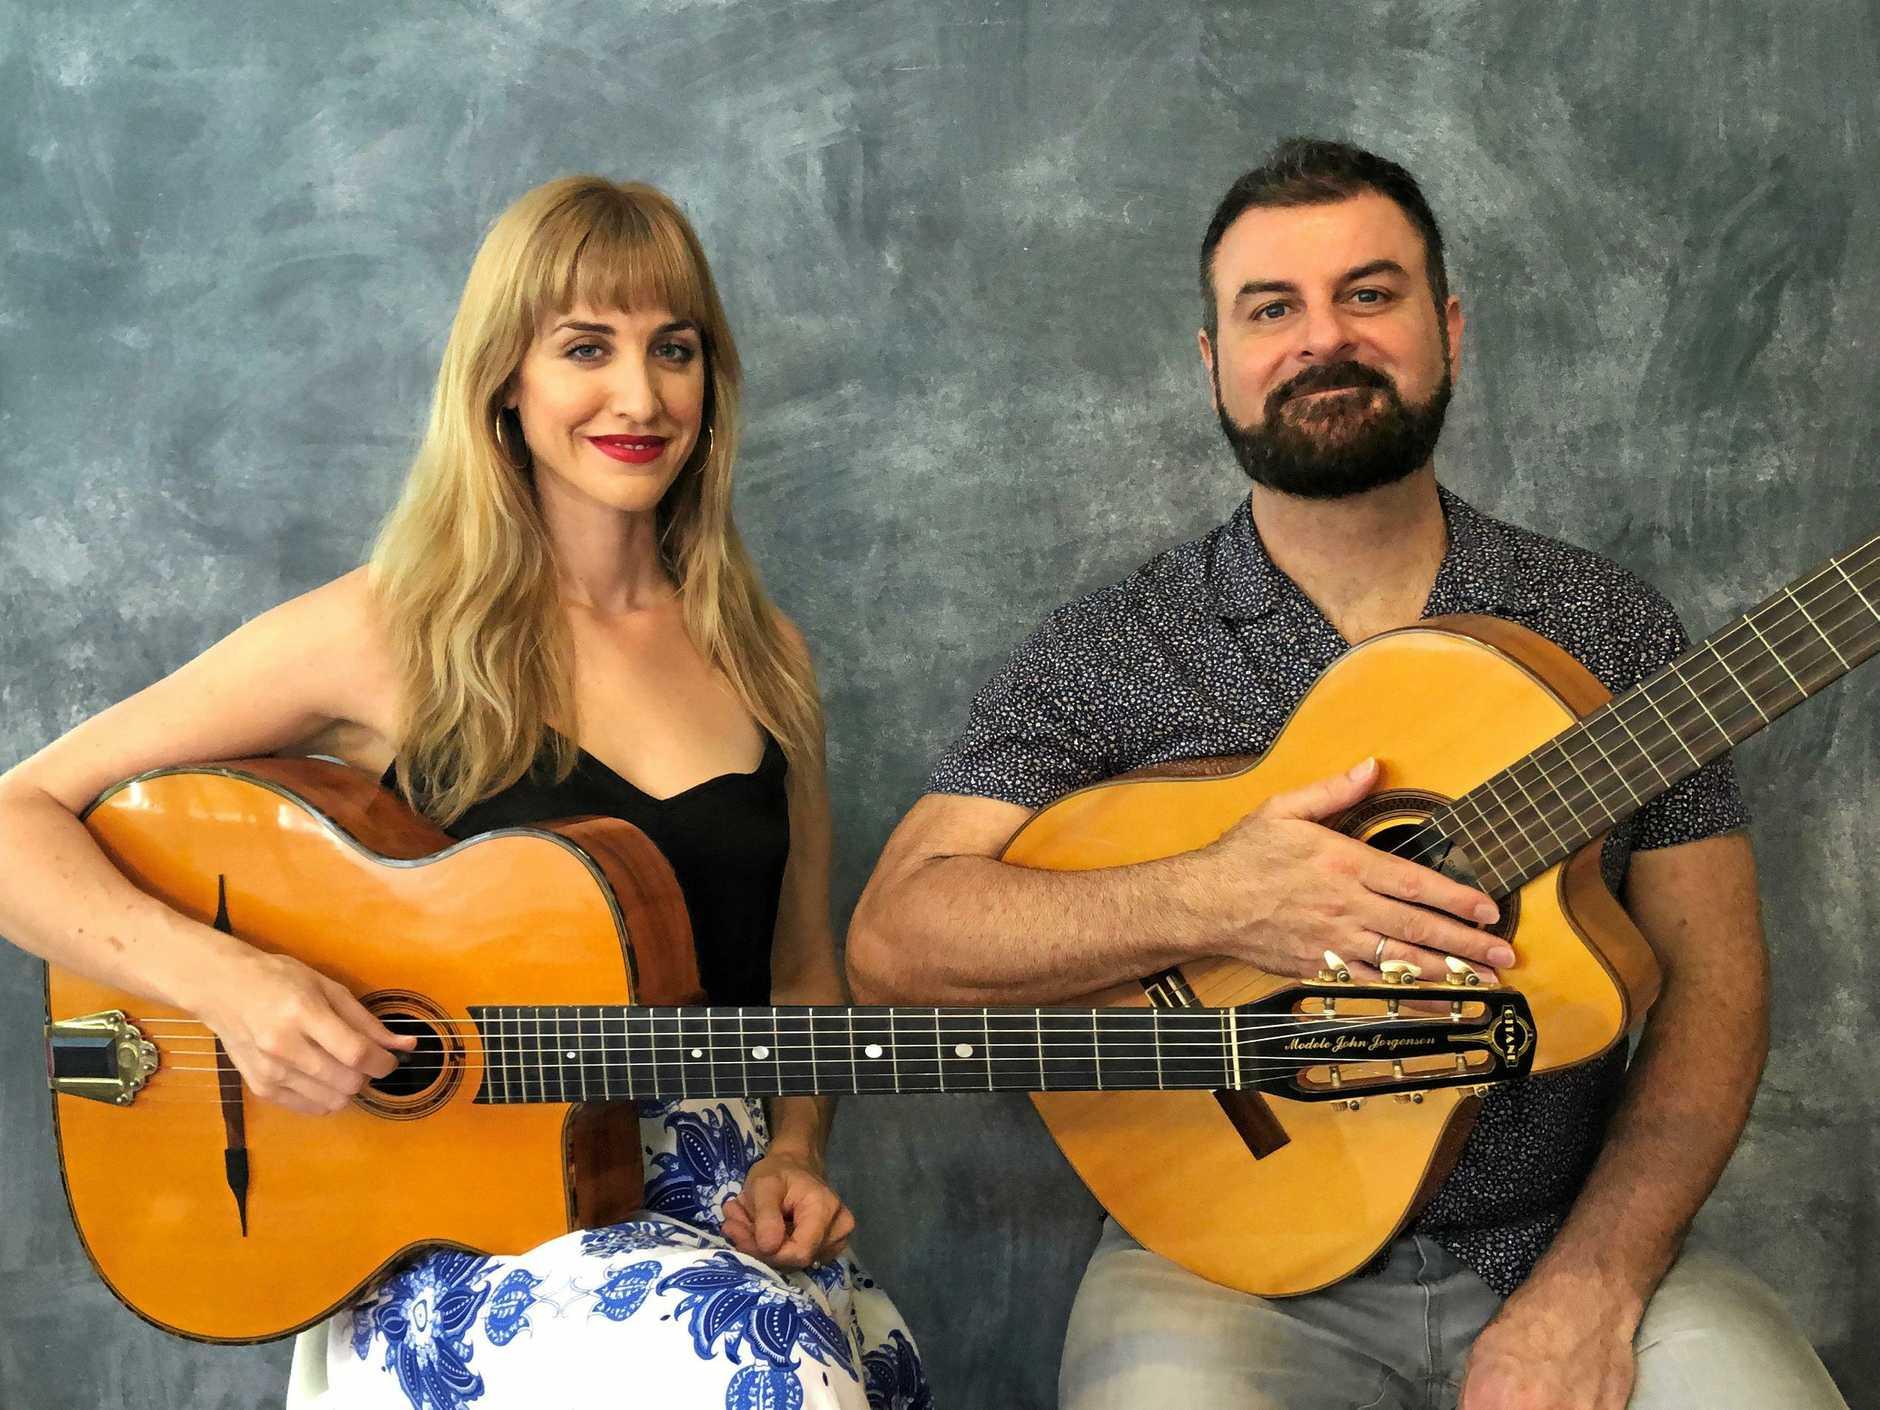 Jazz duo Cameron de la Vega and Miranda Deutsch.